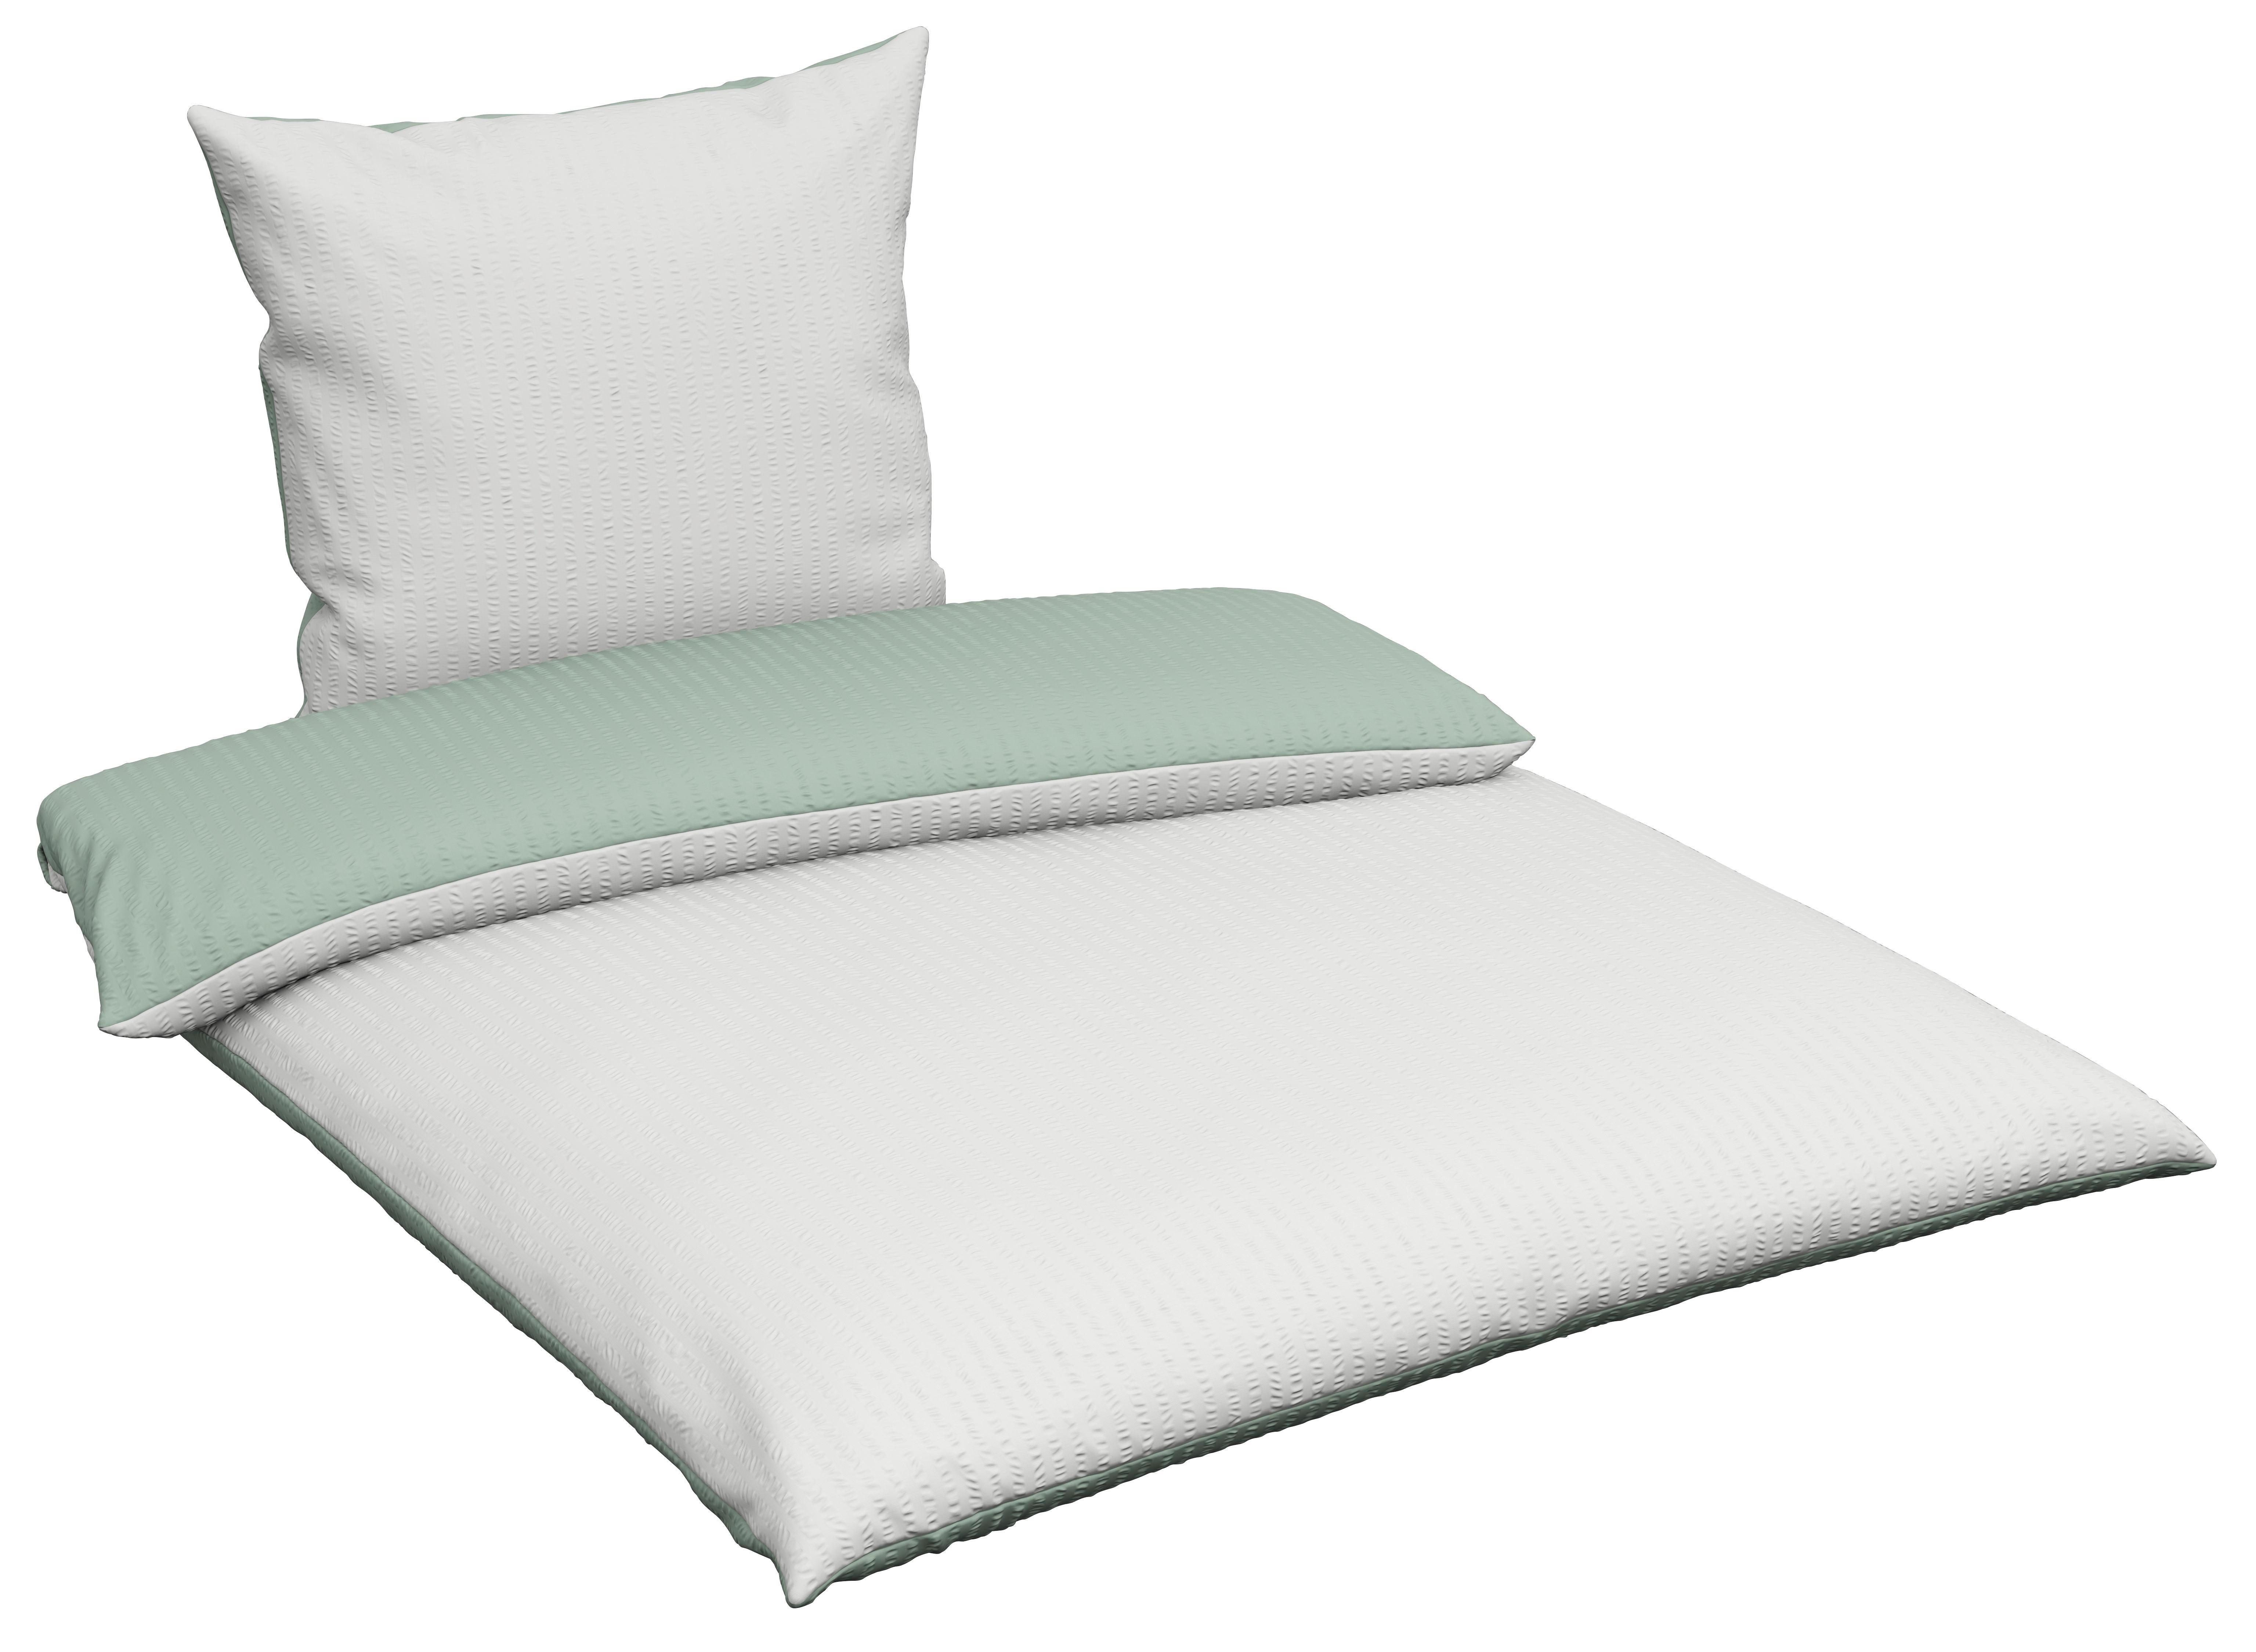 BETTWÄSCHE Seersucker Grün, Weiß 155/220 cm - Weiß/Grün, KONVENTIONELL, Textil (155/220cm) - NOVEL